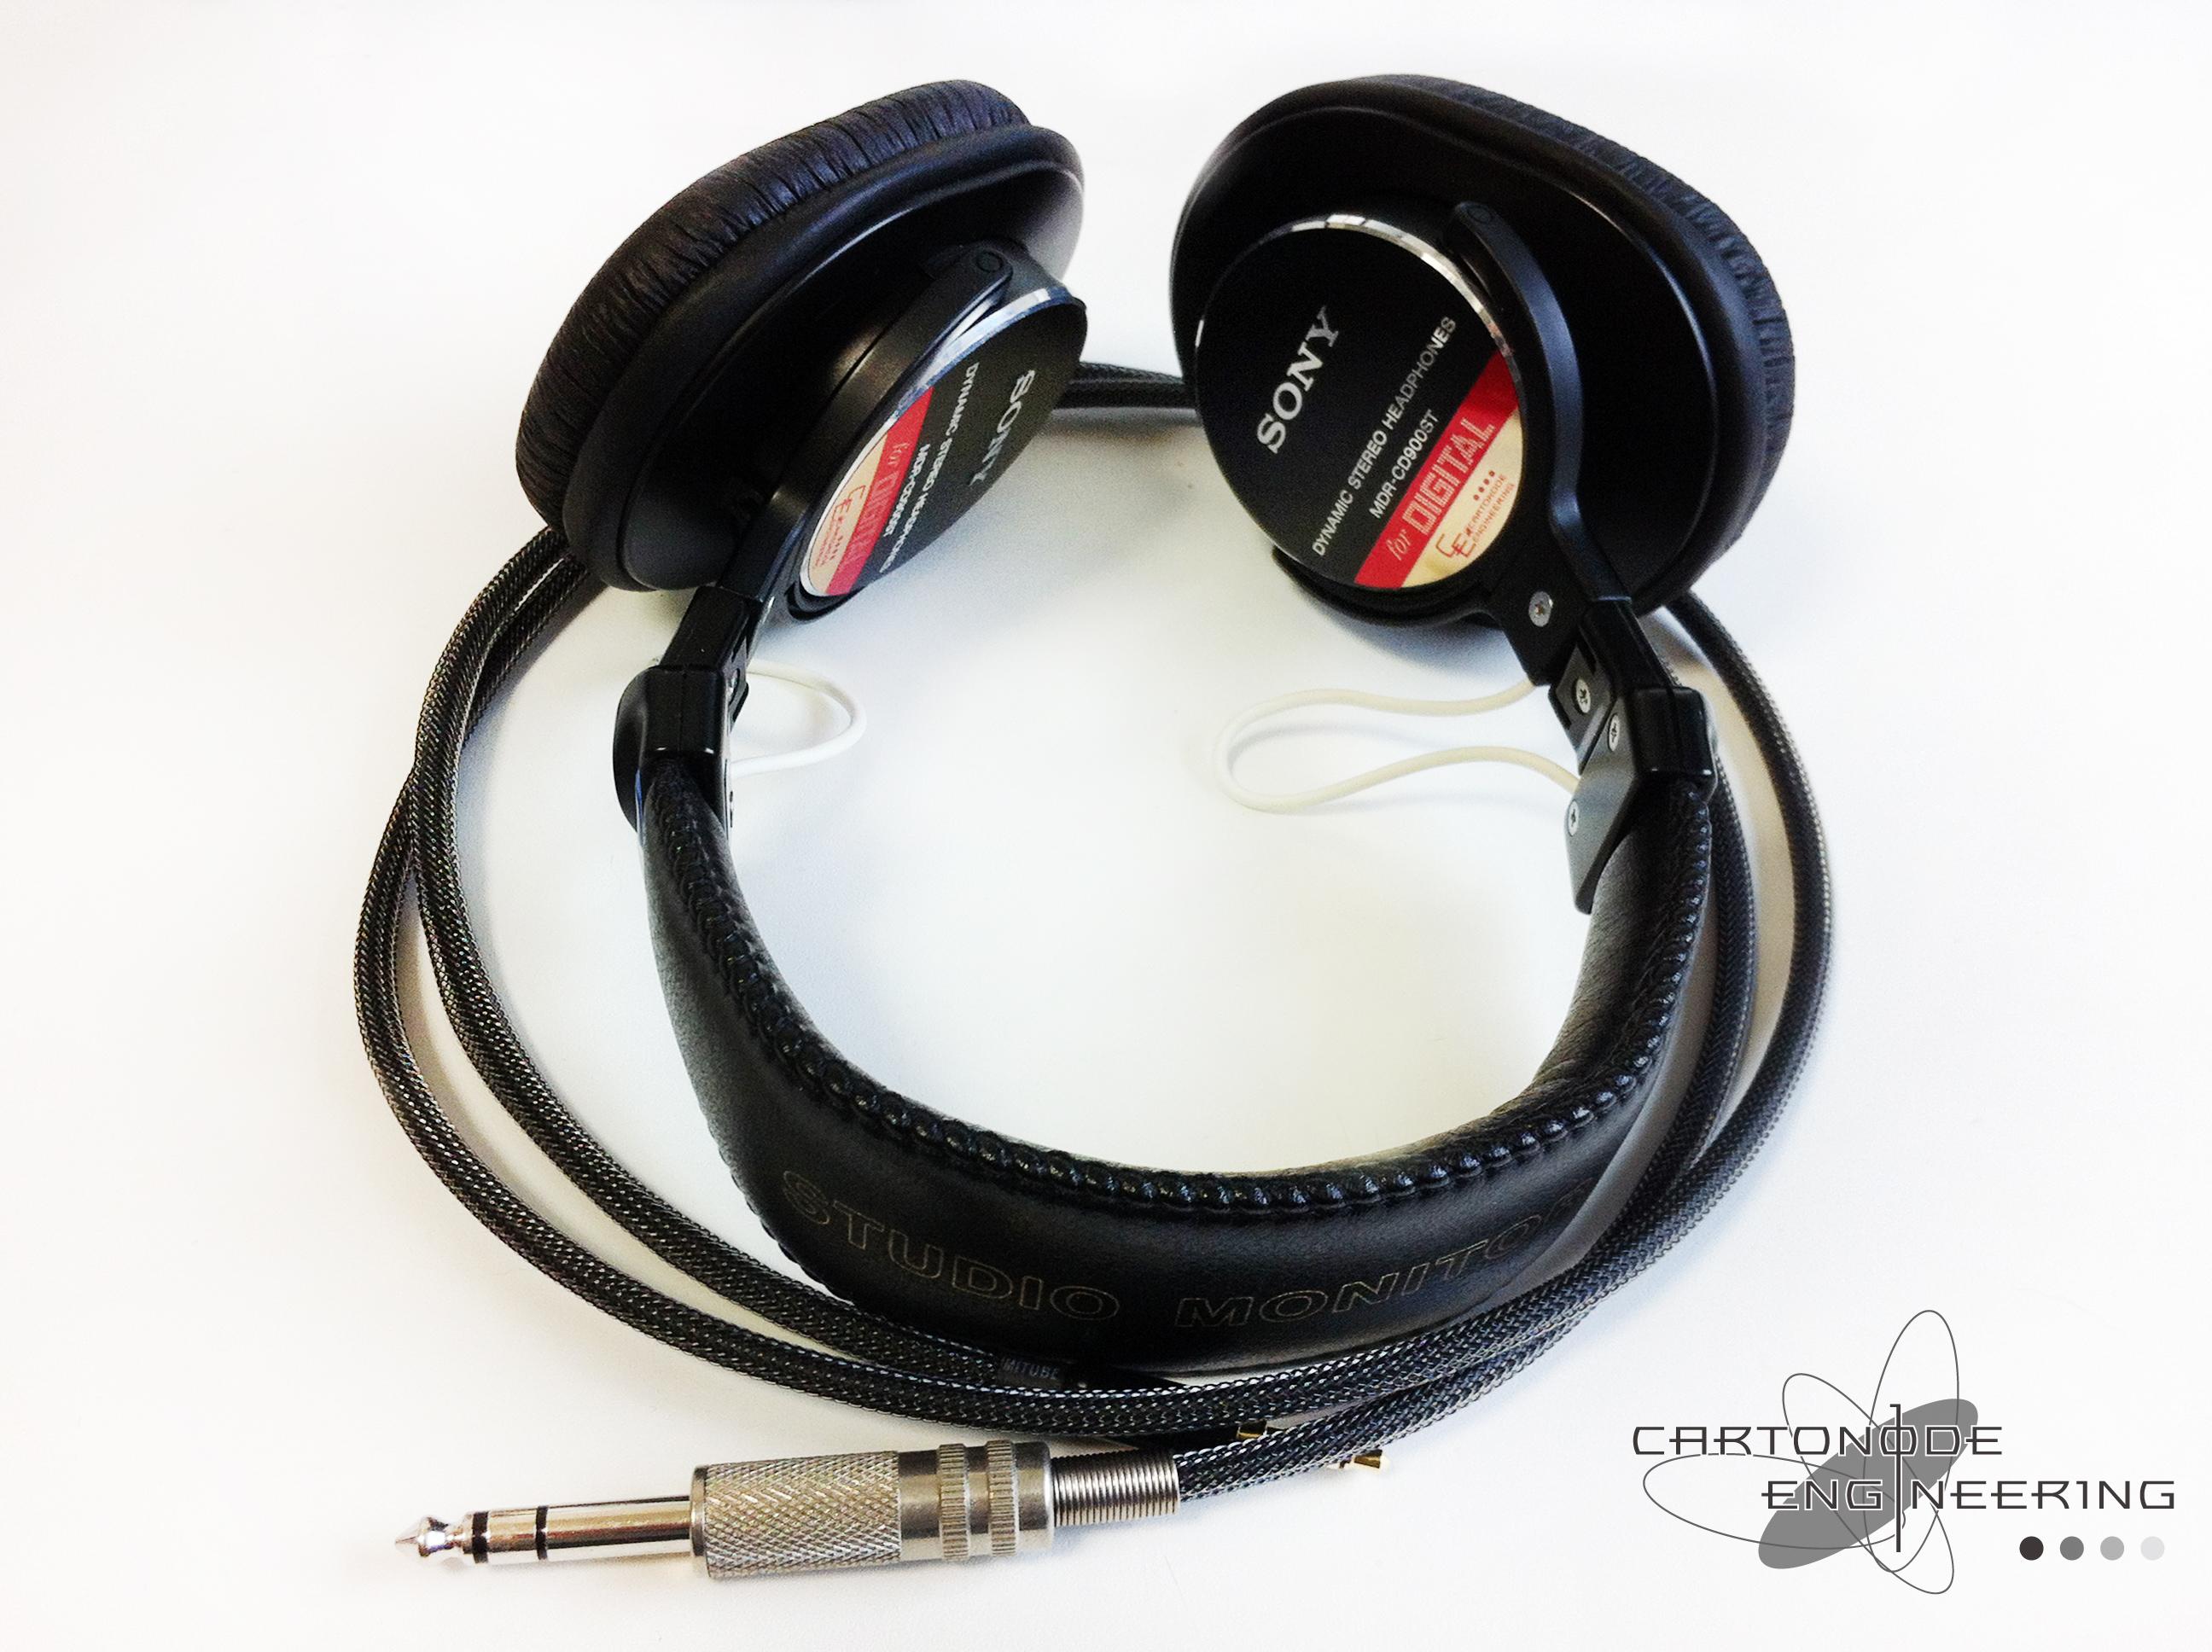 MDR-CD900ST-CEMOD